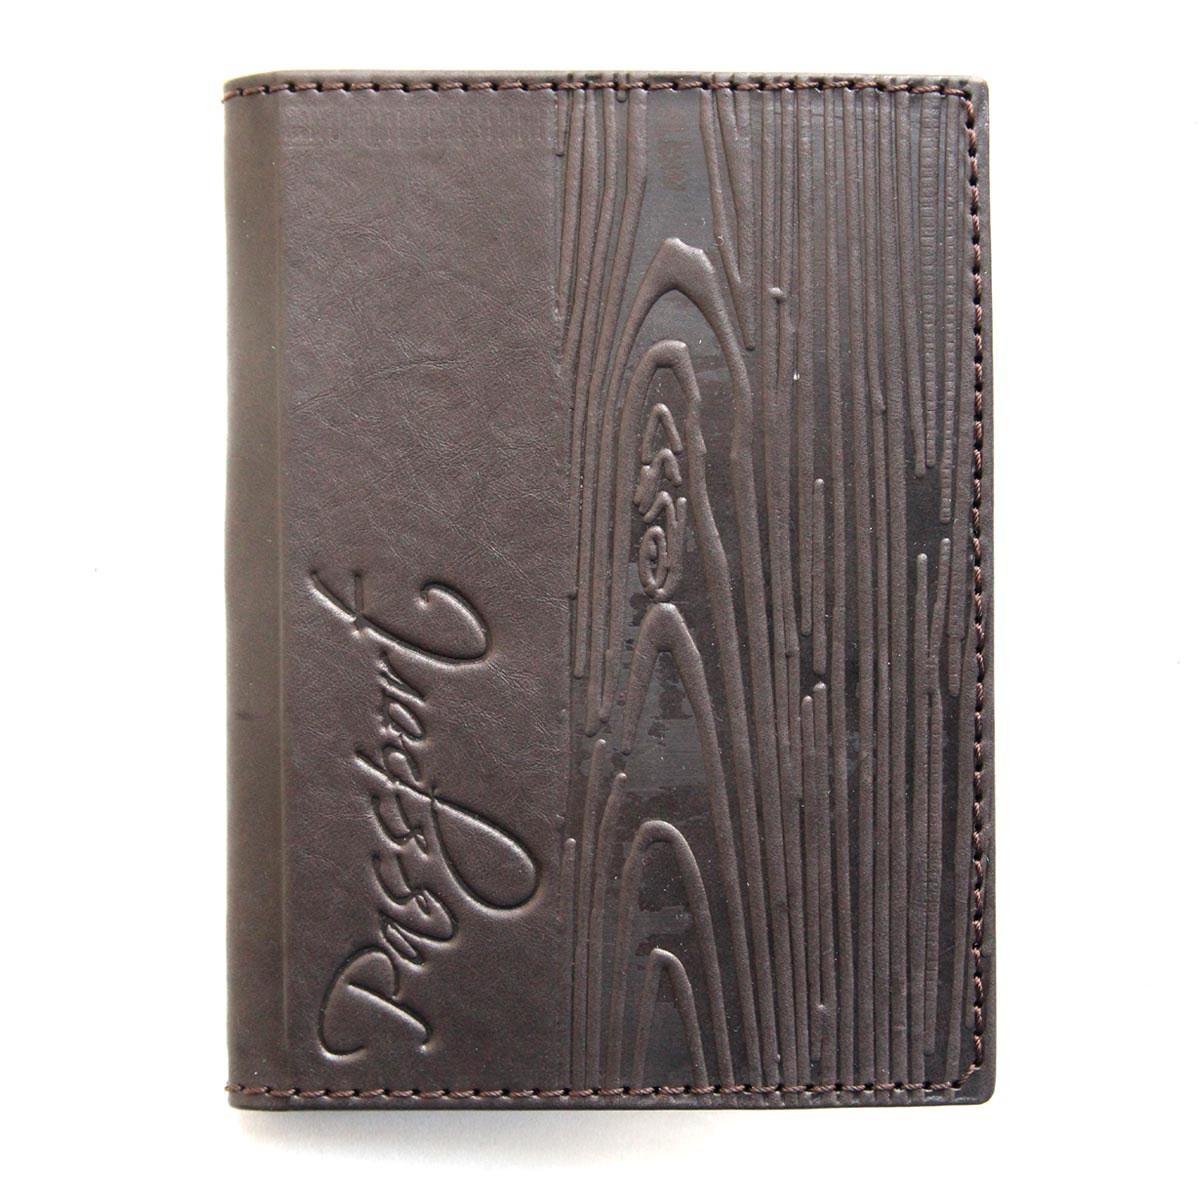 """Обложка для паспорта кожаная """"Кора"""" (Guk)"""